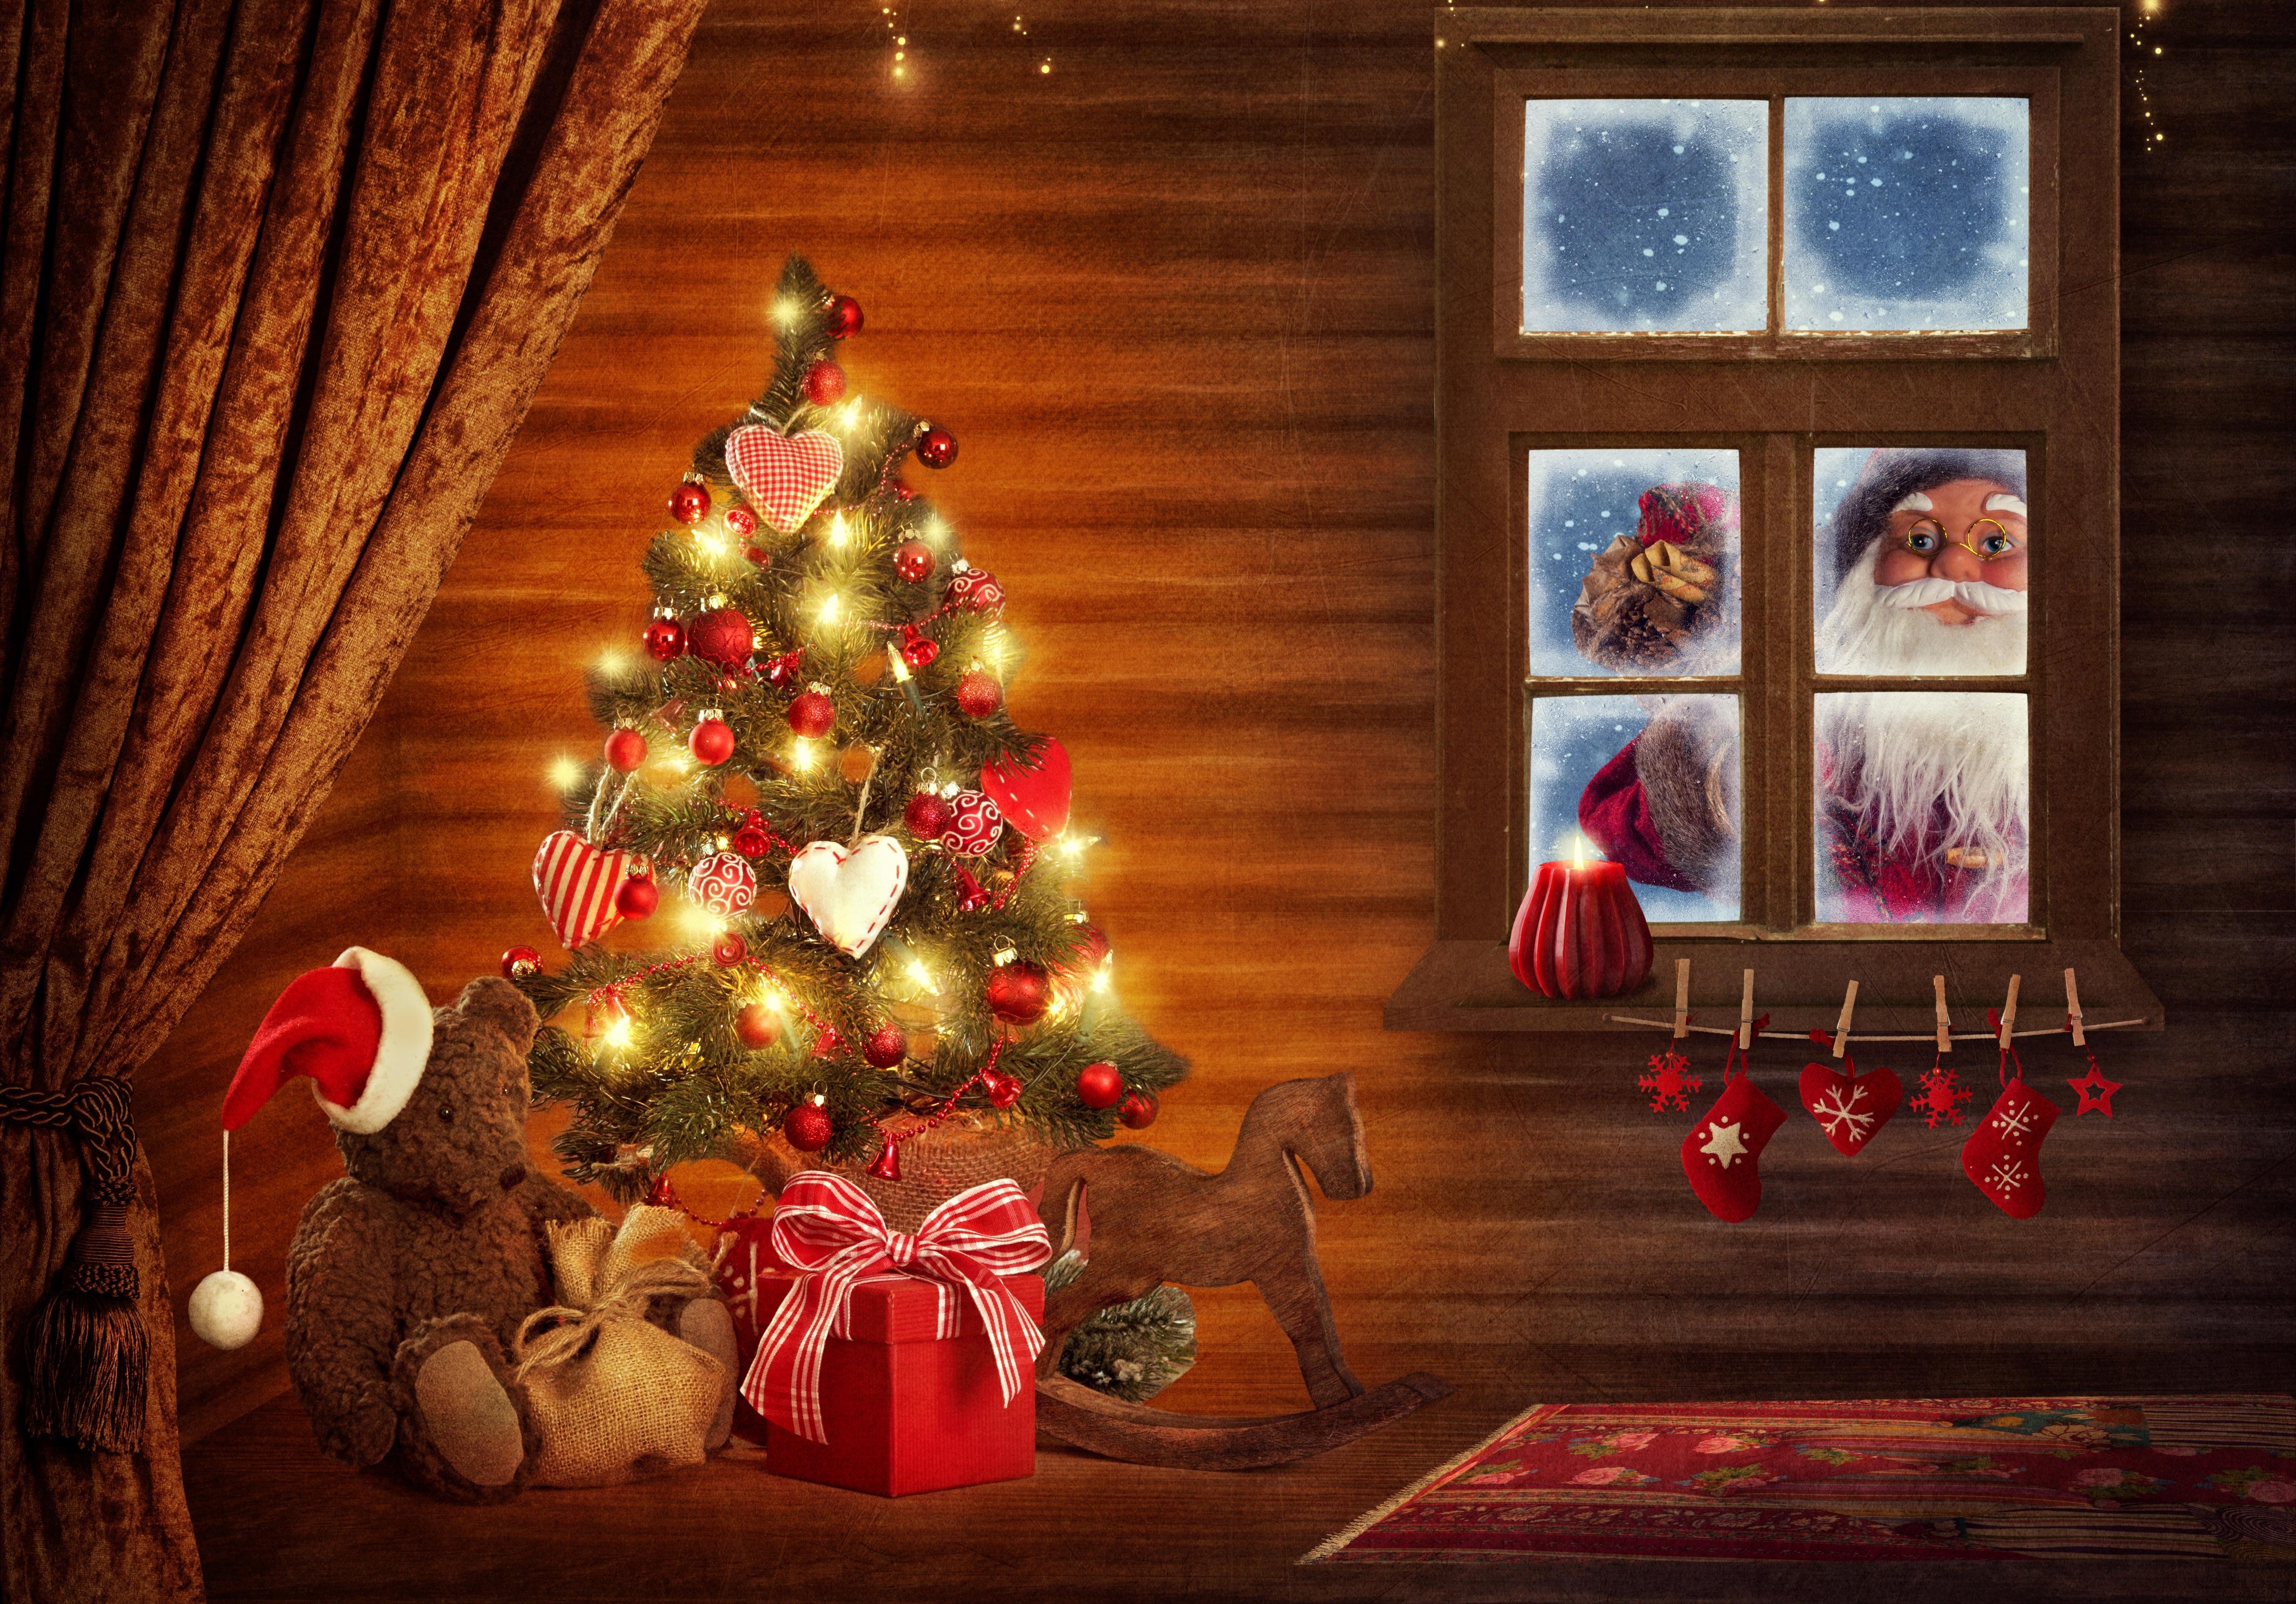 Тебя влюбился, с новым годом картинки елка подарки